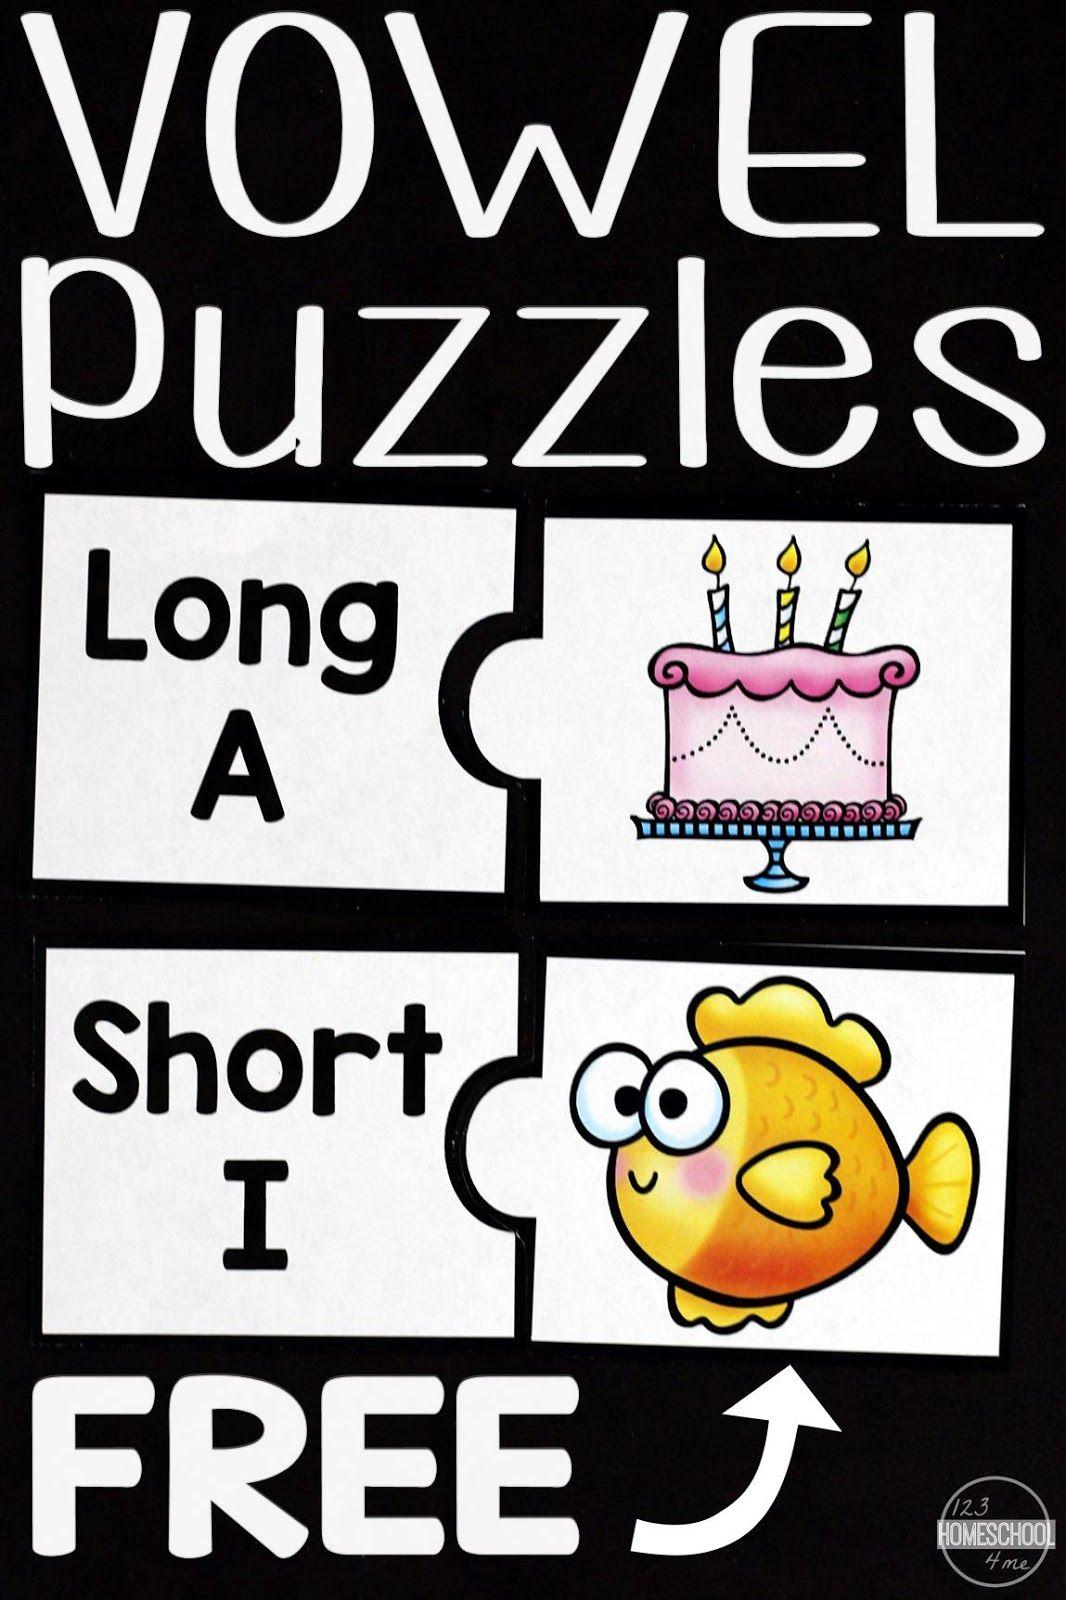 Vowels Puzzles